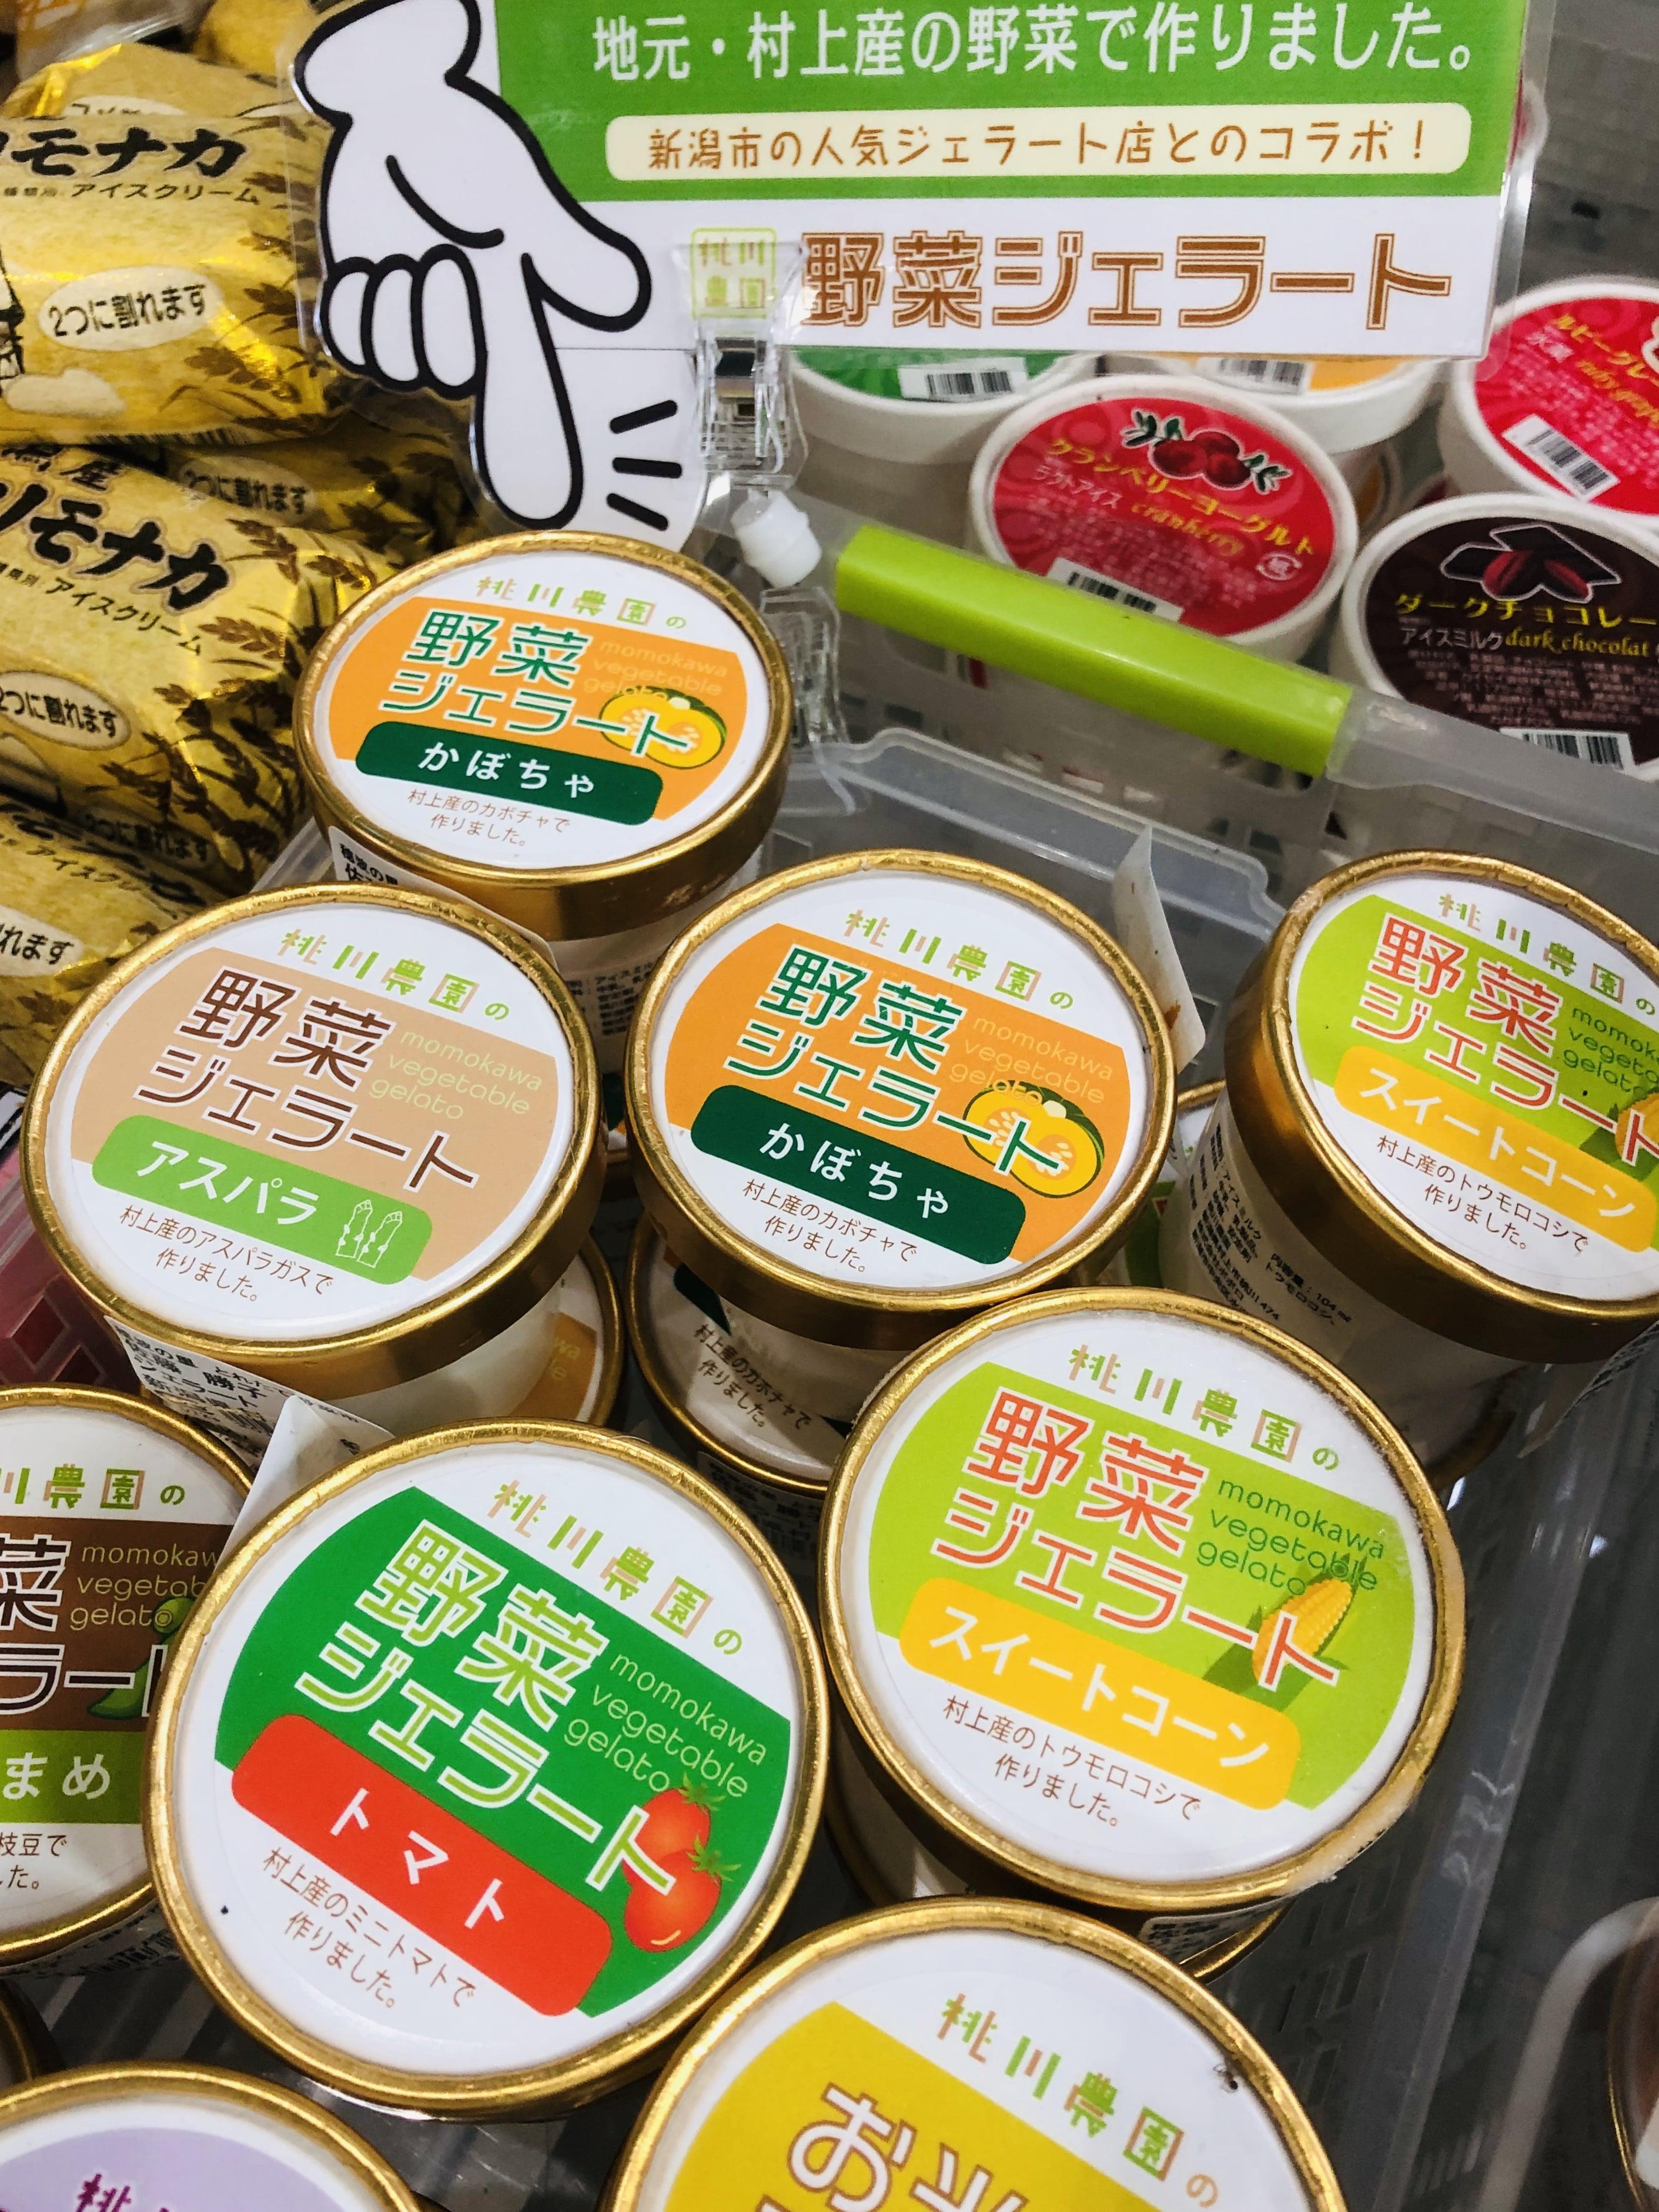 【桃川農園の野菜ジェラート】村上市産の野菜とお米で作りました!のイメージその2